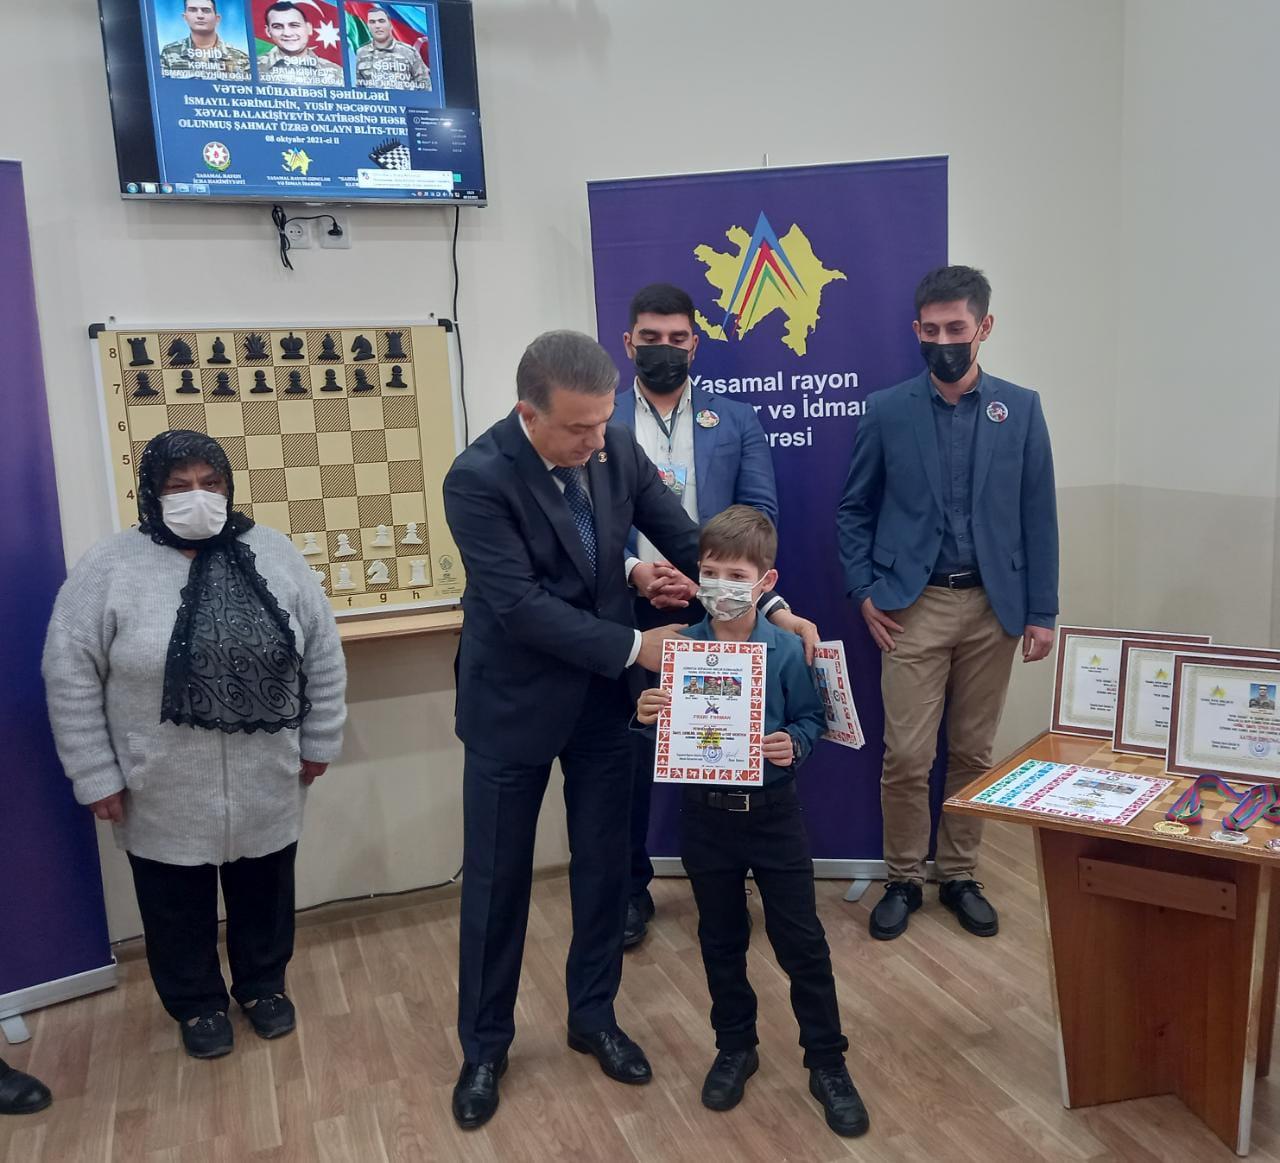 Vətən müharibəsi şəhidlərinin xatirəsinə həsr olunmuş şahmat turniri keçirilib